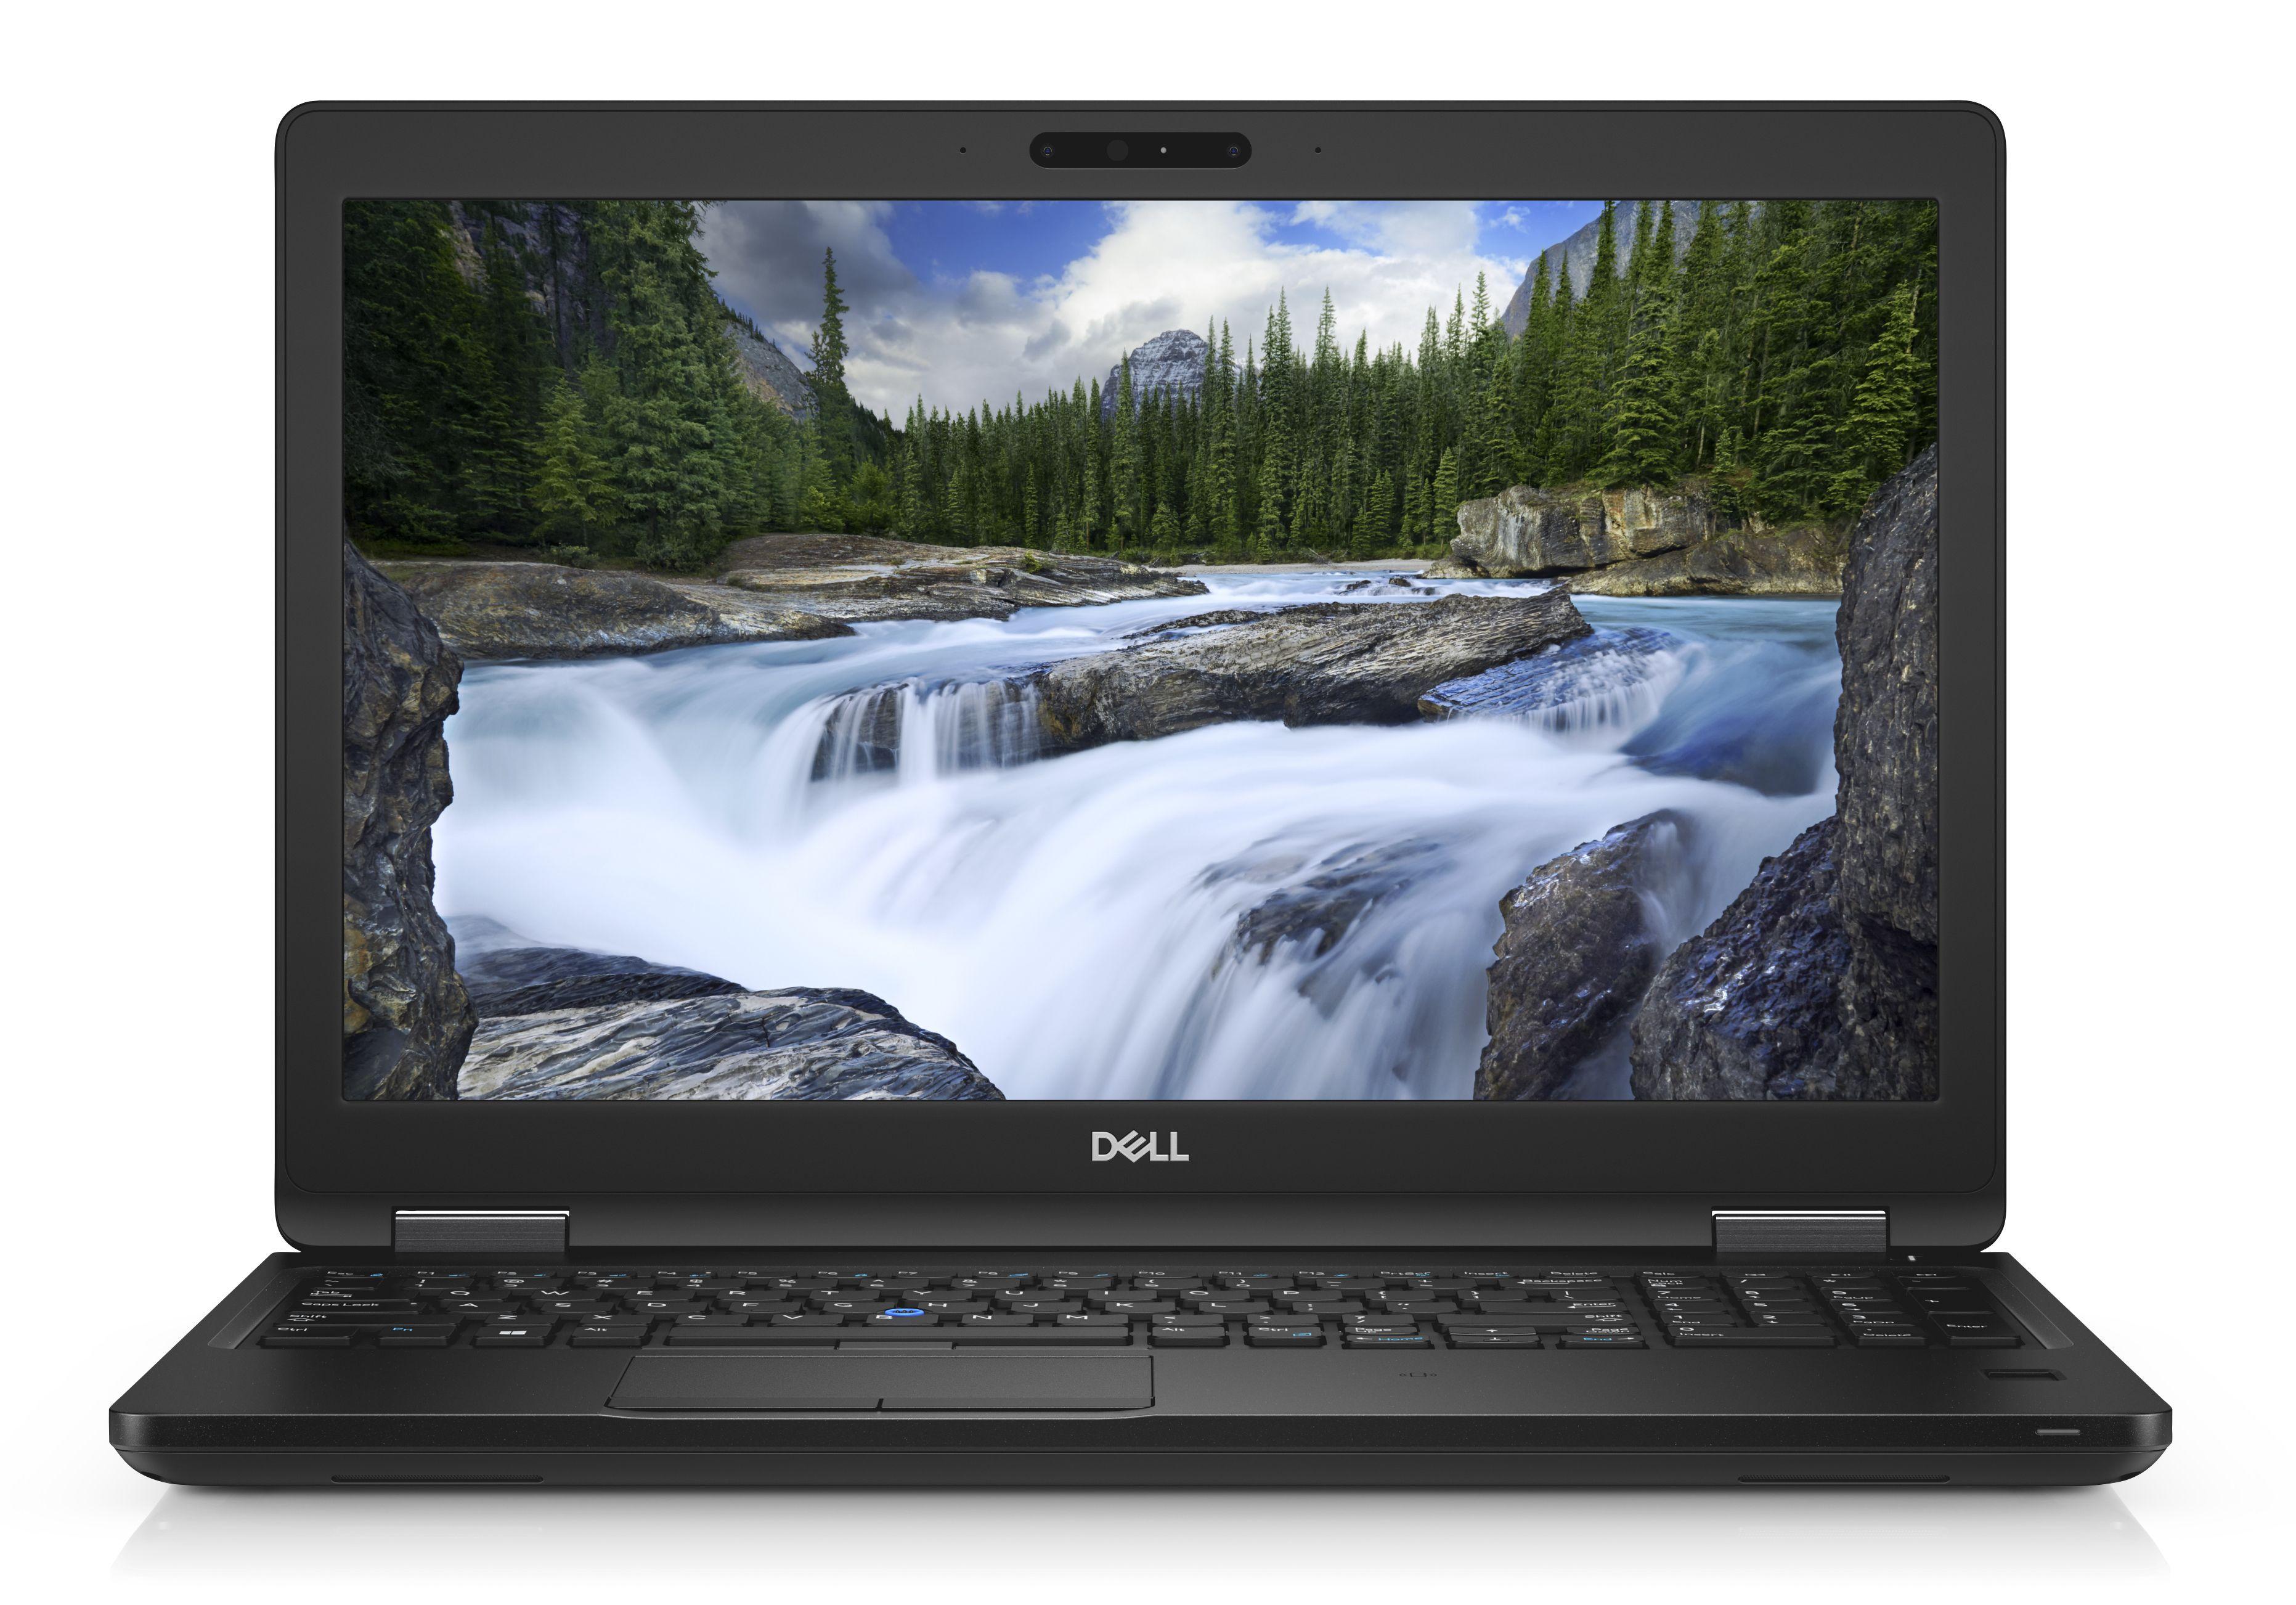 Notebook Dell Latitude 5590 15.6 Full HD Intel Core i5-8350U MX130 RAM 8GB SSD 256GB Linux